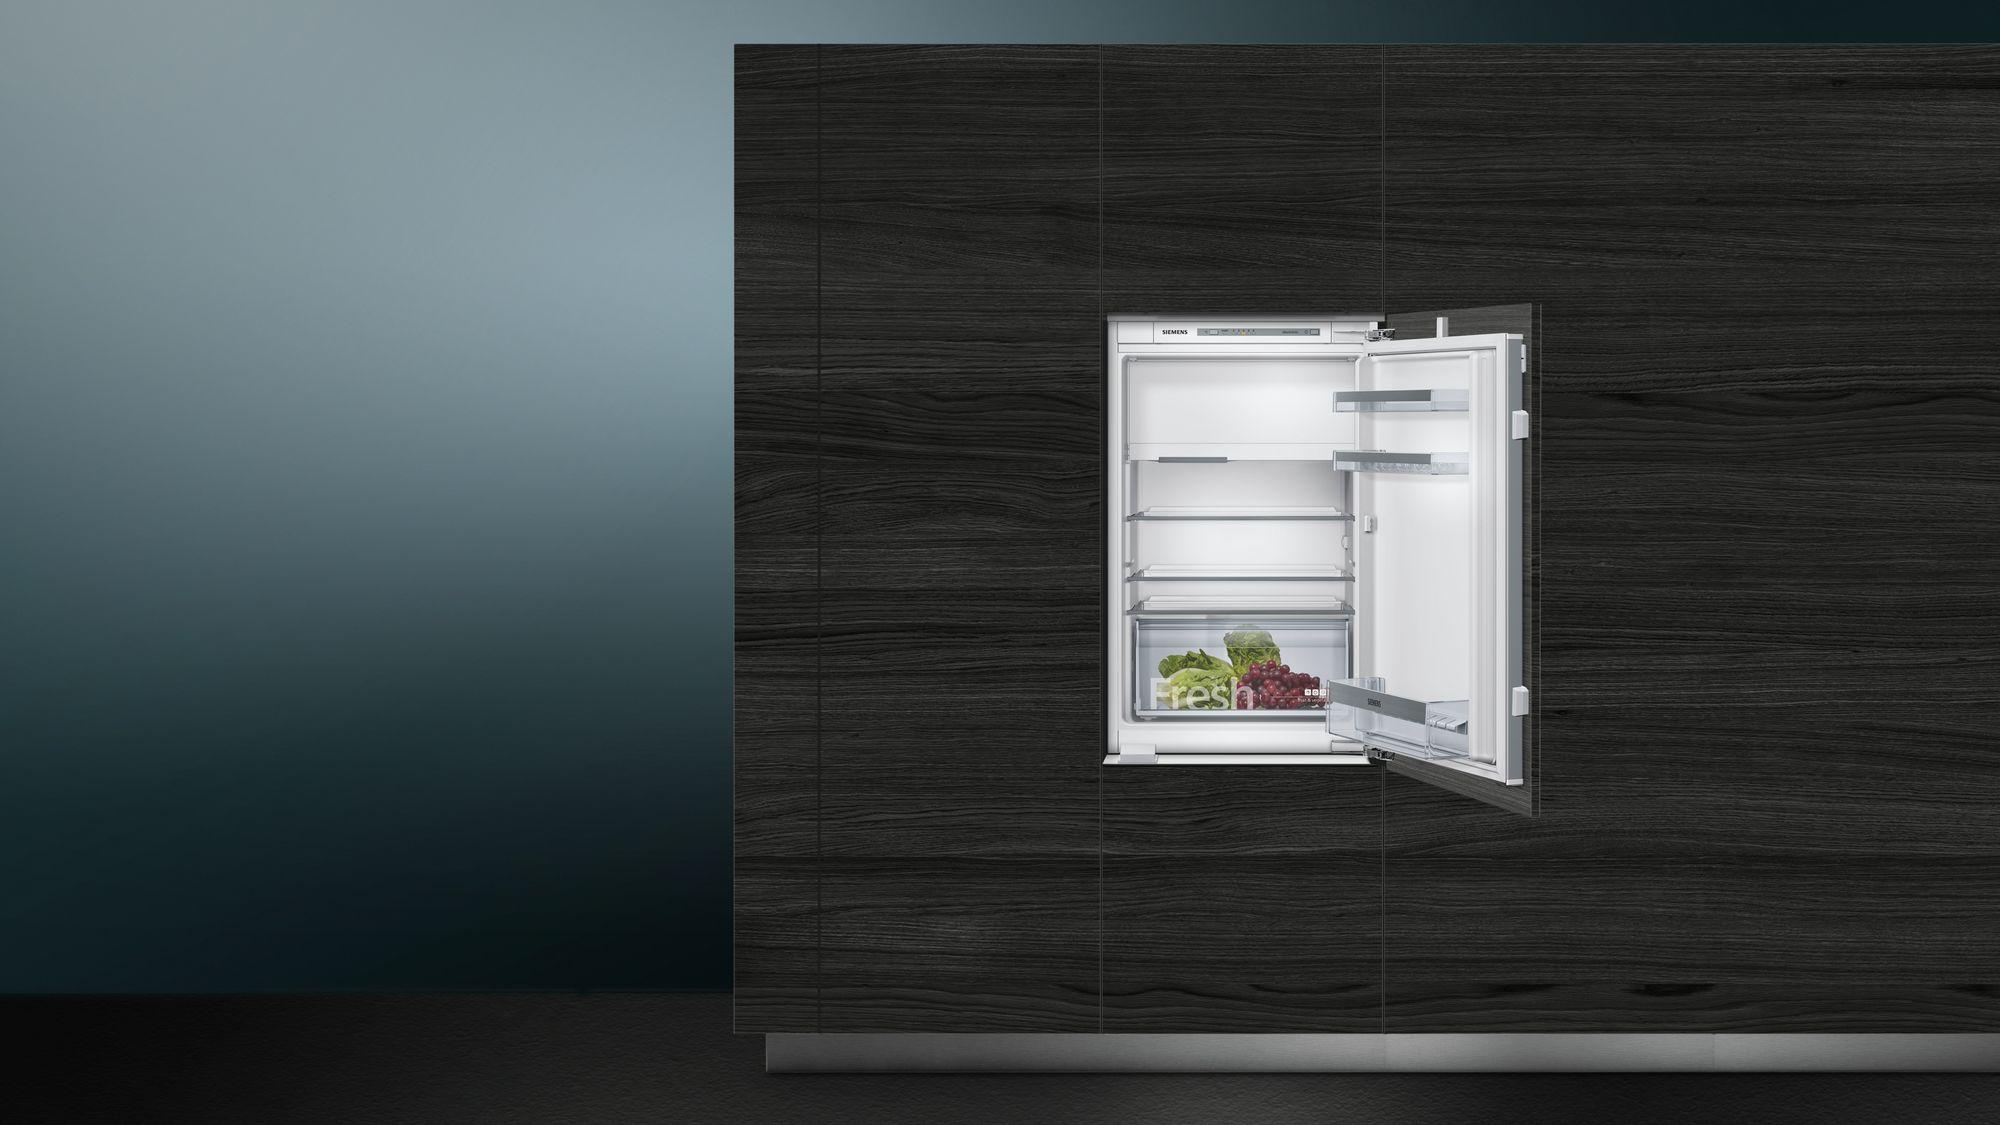 Siemens Kühlschrank Einbau : Siemens einbau kühlschrank flachscharnier technik ki lvf